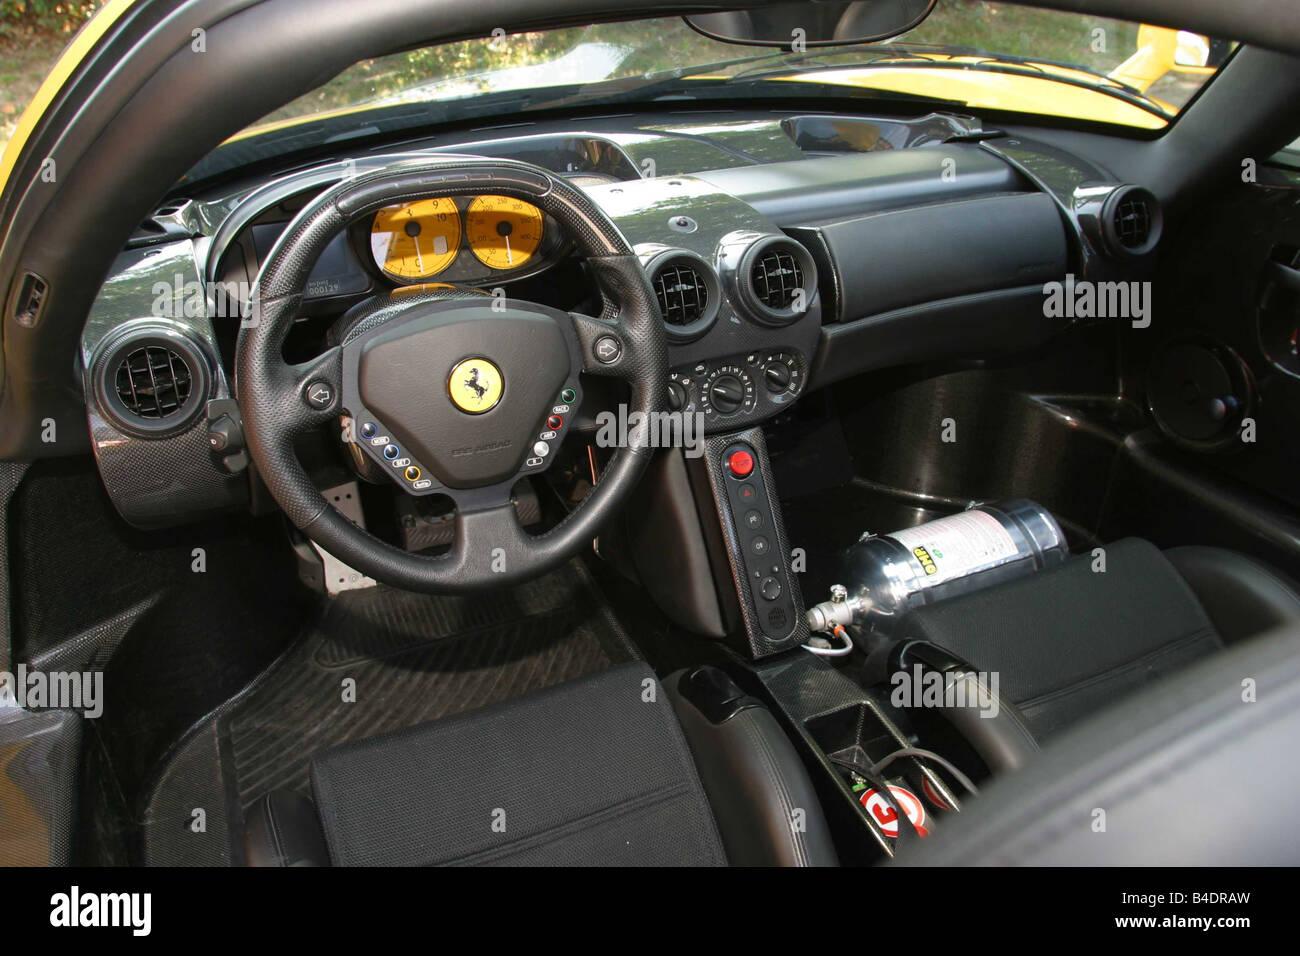 Car, Ferrari Enzo Ferrari, roadster, coupe, model year 2002-, yellow, interior view, Interior view, Cockpit, technique/accessory - Stock Image